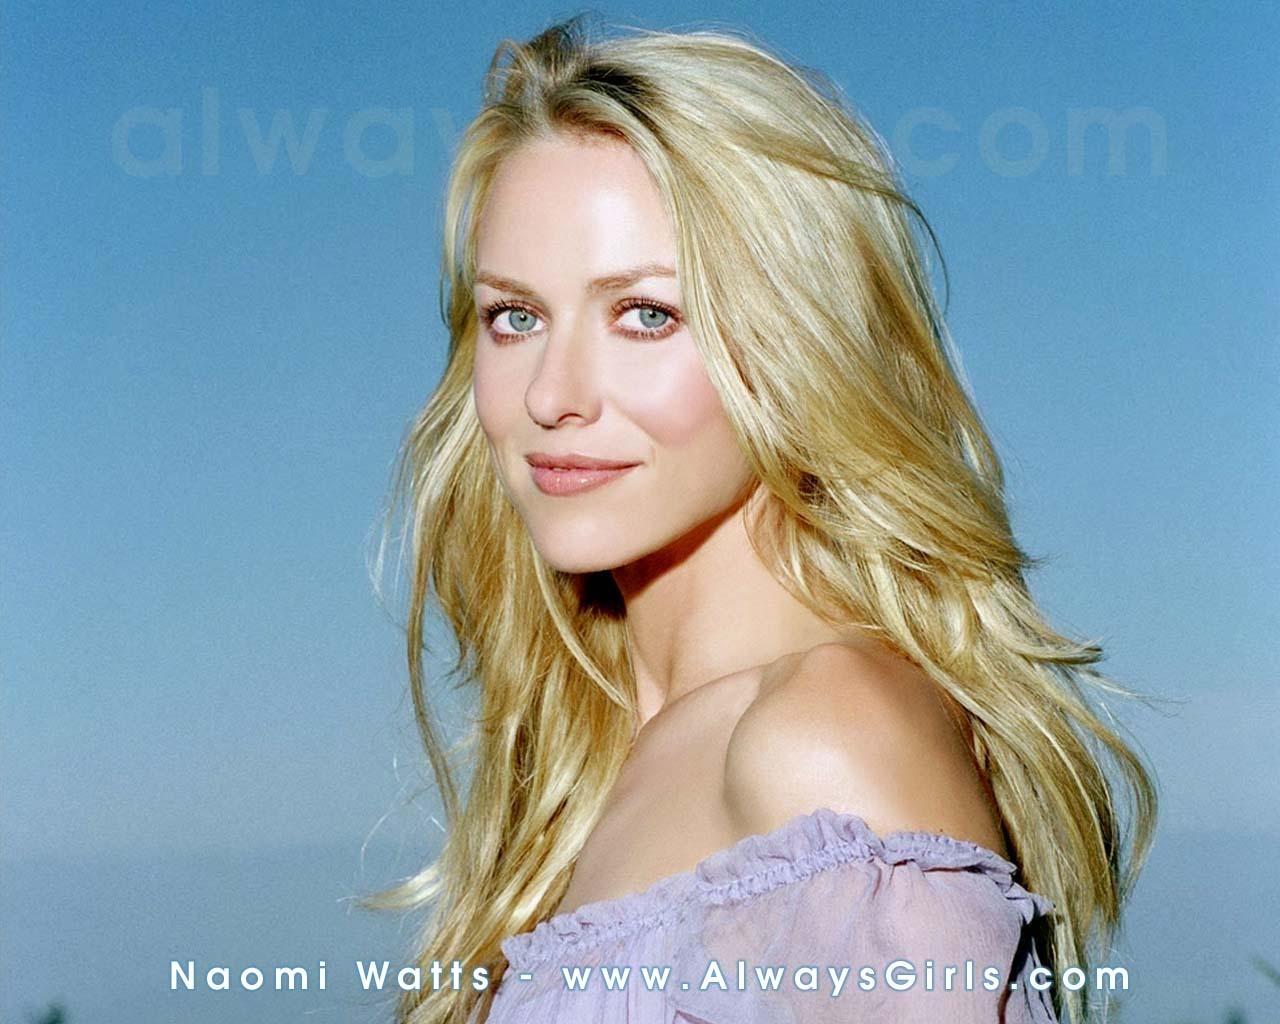 Naomi Watts   Naomi Watts Wallpaper 4809040 1280x1024